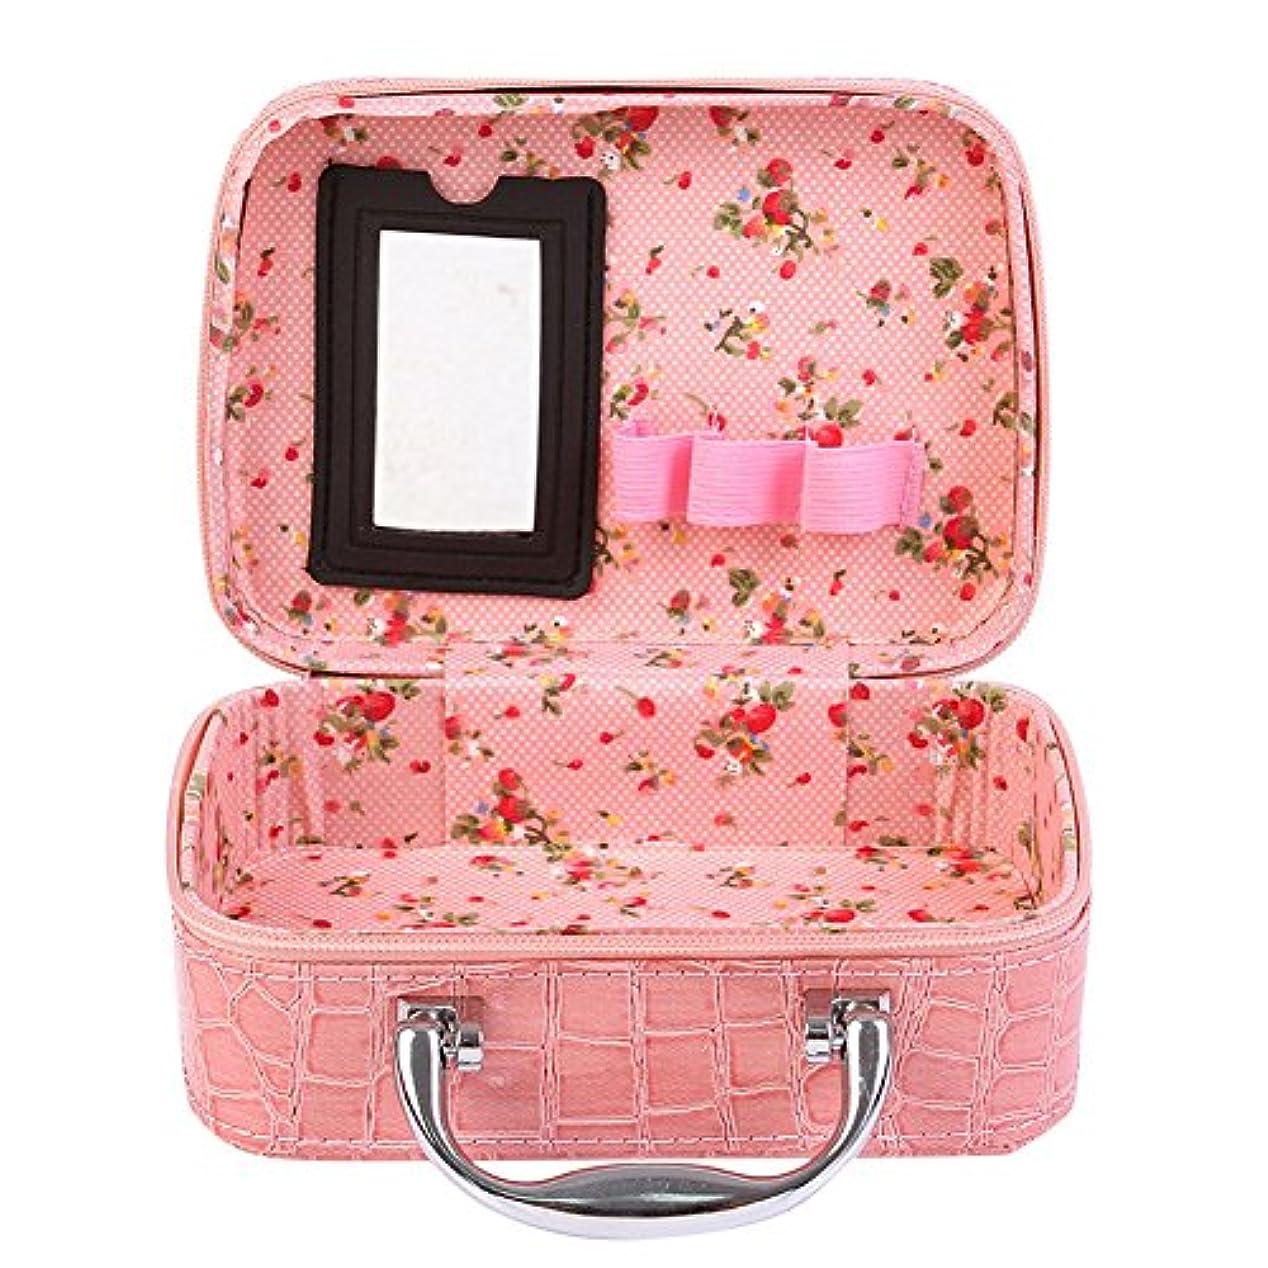 真鍮静かにがんばり続けるメイクボックス 化粧ポーチ バニティーポーチ 化粧バッグ ミラー付き旅行や外出用化粧道具や小物収納ケース 高品質多容量 (ピンク)